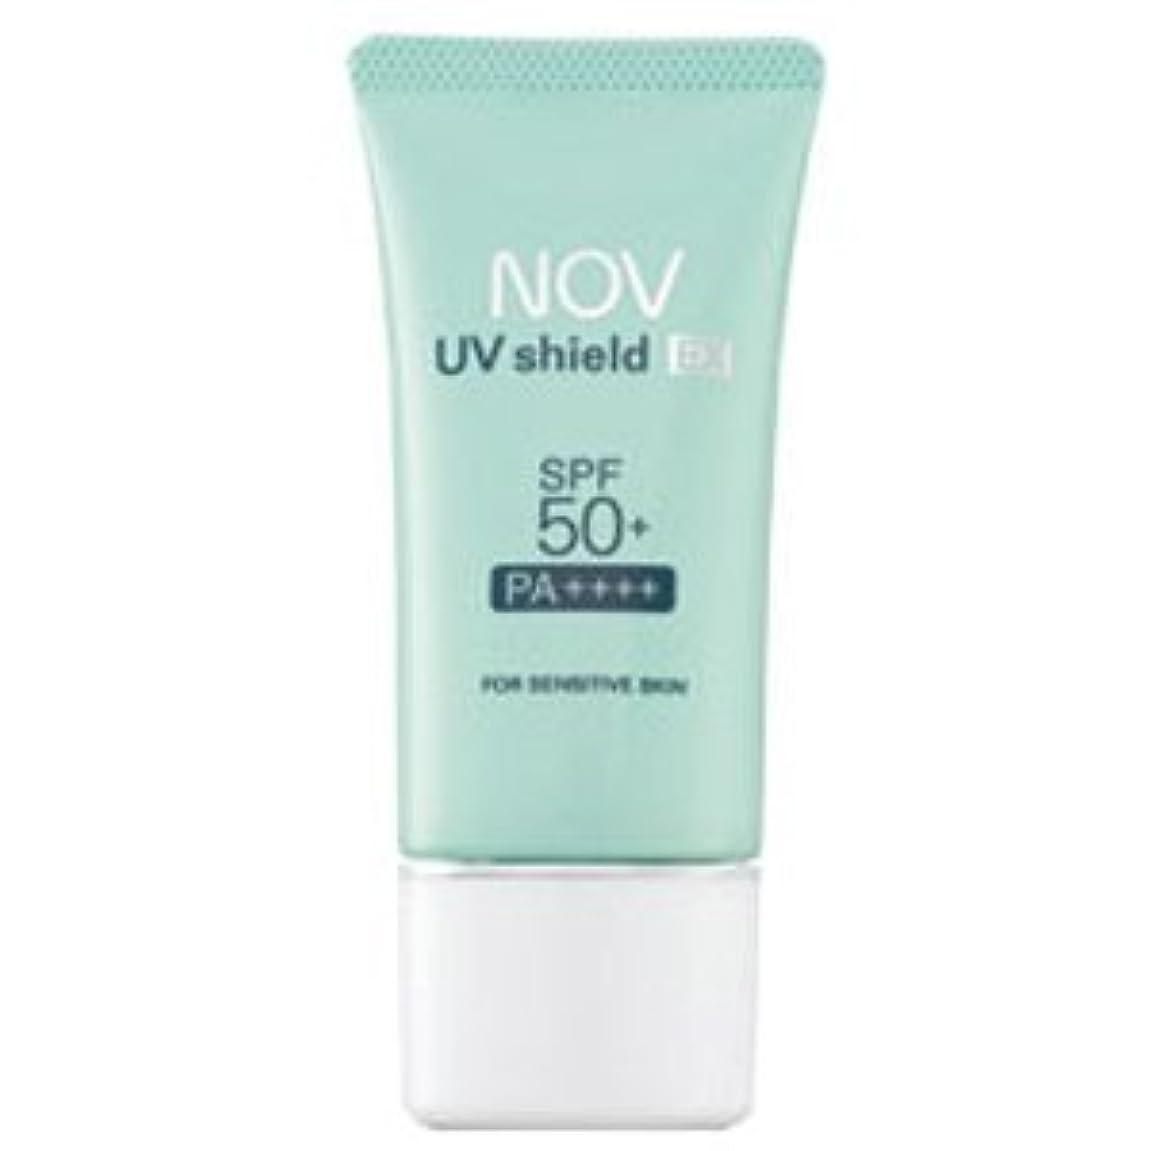 アラートクレデンシャル透過性ノブ NOV UVシールドEX SPF50+ PA++++ 30g